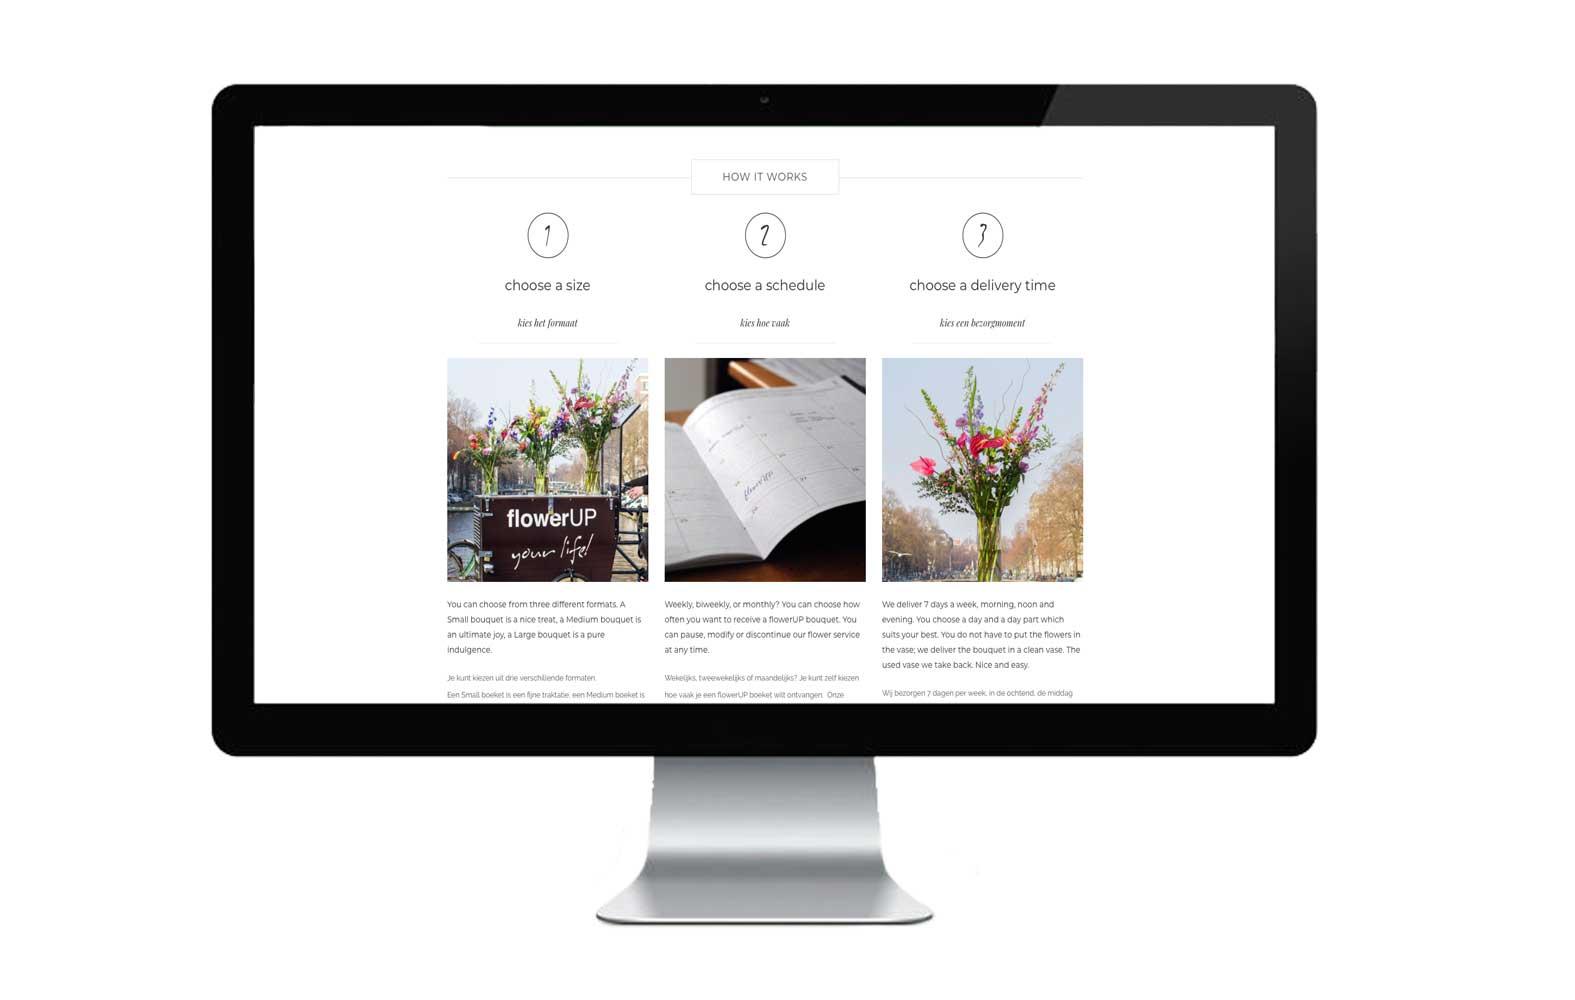 StudioErnst-FlowerUp-website12